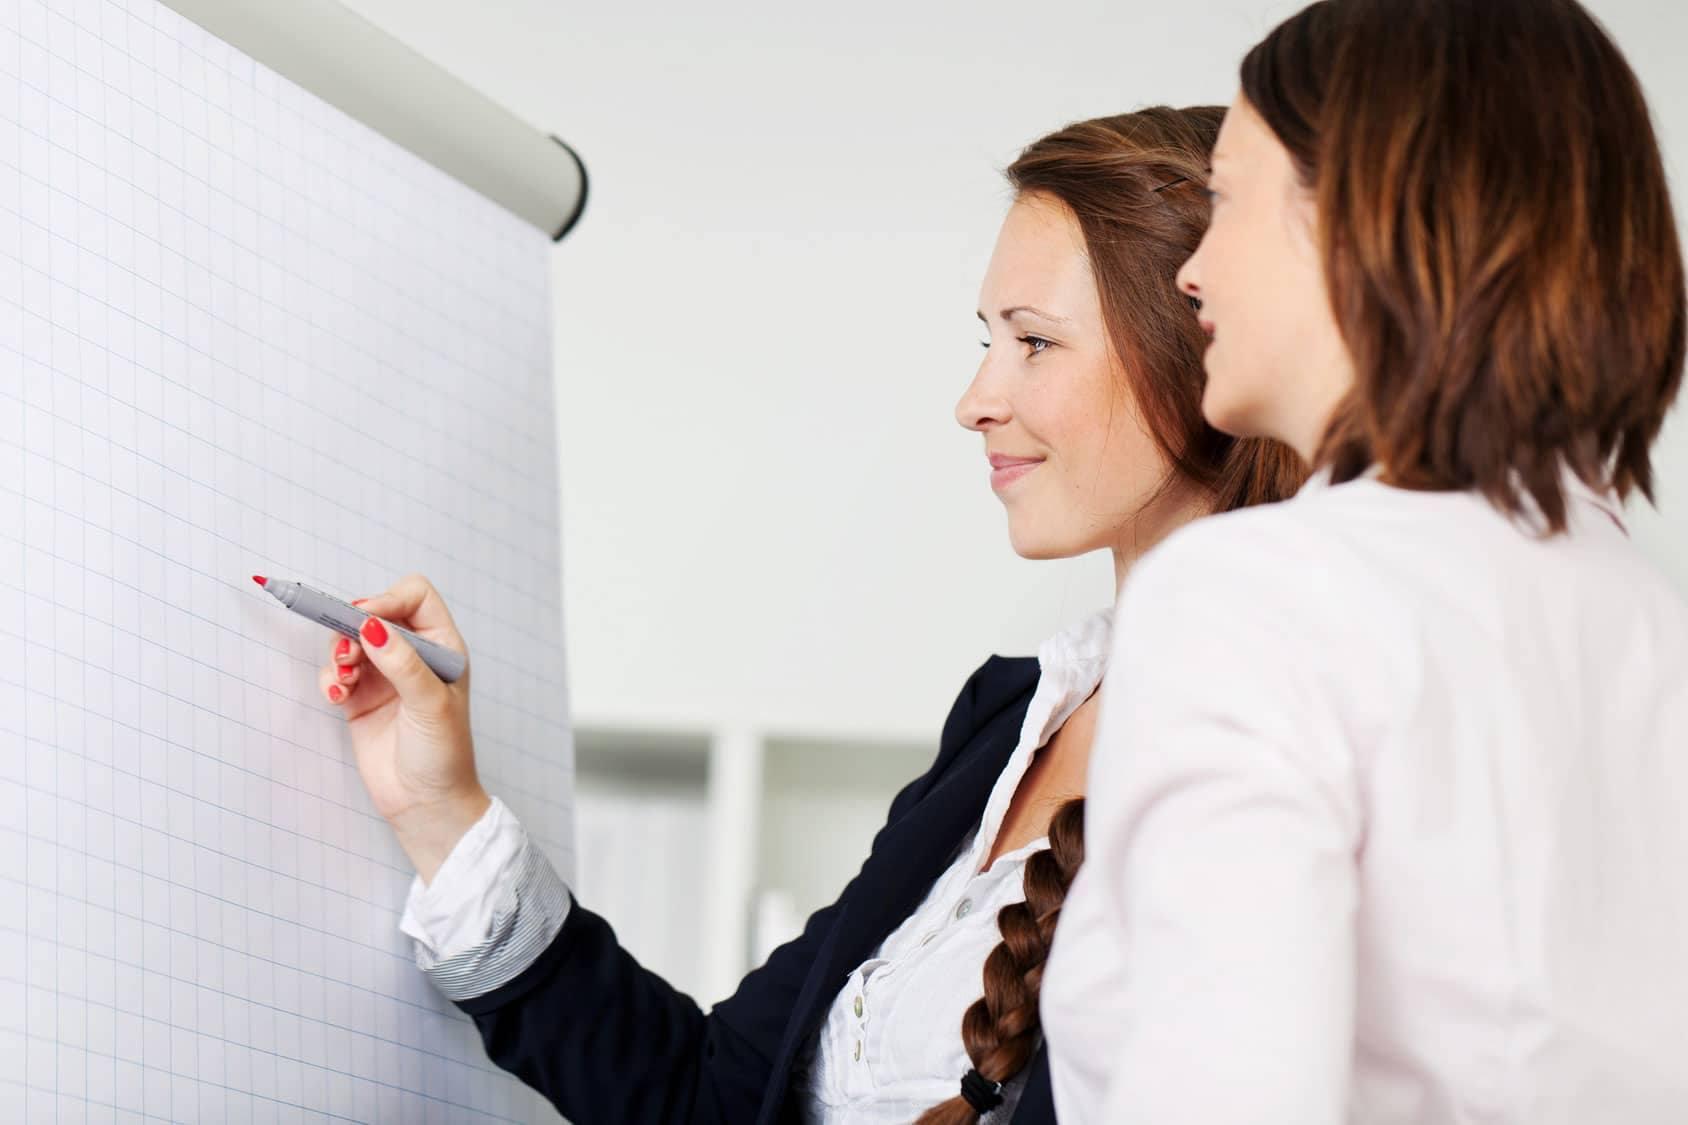 IDEIS-ideis-management-cabinet-formation-formations-conseil-consulting-coaching-accompagnement-communication-rennes-paris-organisme-certifie-certifié-qualite-qualité-apprendre-se-former-distance-digital-manager-managers-équipe-equipe-equipes-team-humain-ressources-humaines-ressource-capital-mbti-pcm-inventaire-de-personnalite-individuel-cles-du-managment-hommes-responsables-cadres-rh-superieurs-hierarchiques-dirigeant-formateur-consultant-veriselect-qualité-formatin-coaching